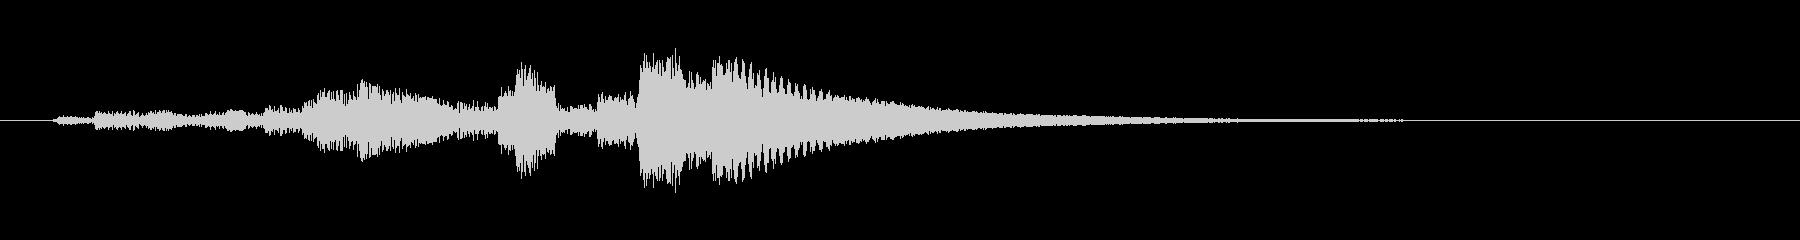 おどろおどろしい、ドロドロドロロンの未再生の波形